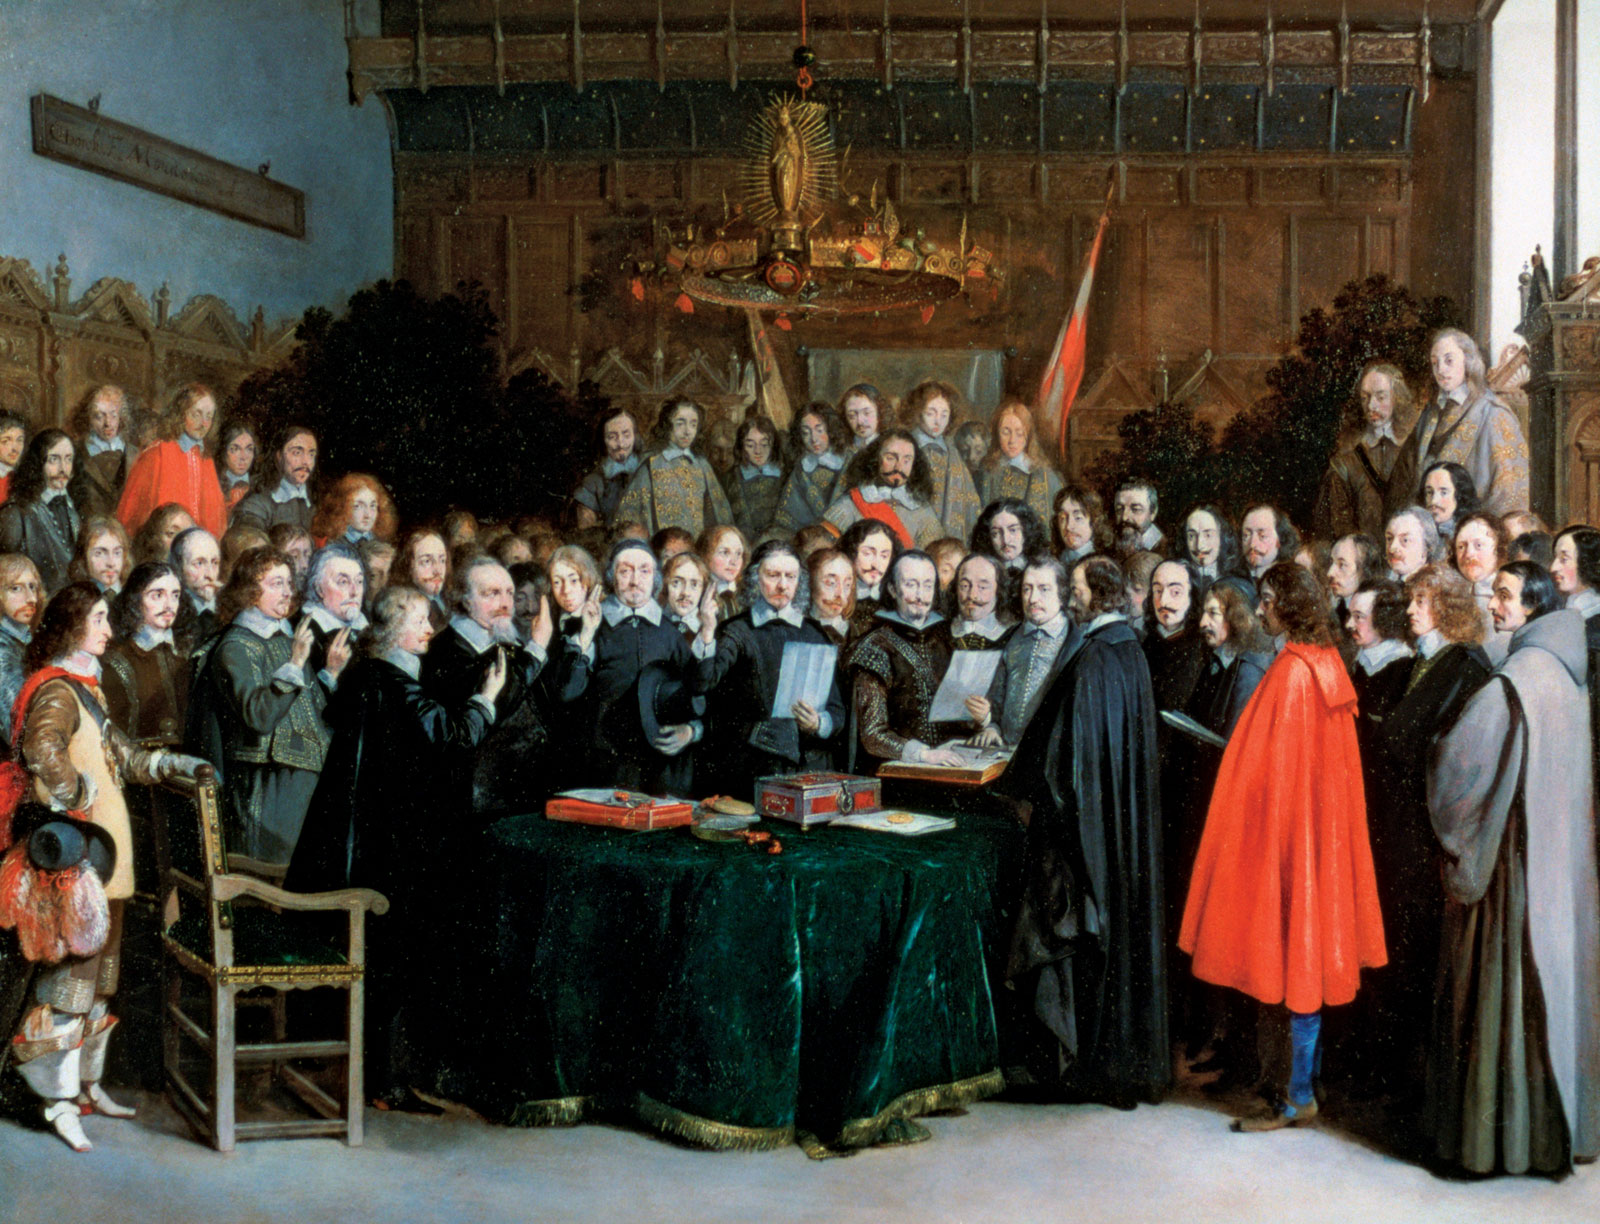 استراتژیهای بقا- مرکز توانمندسازی حاکمیت و جامعه